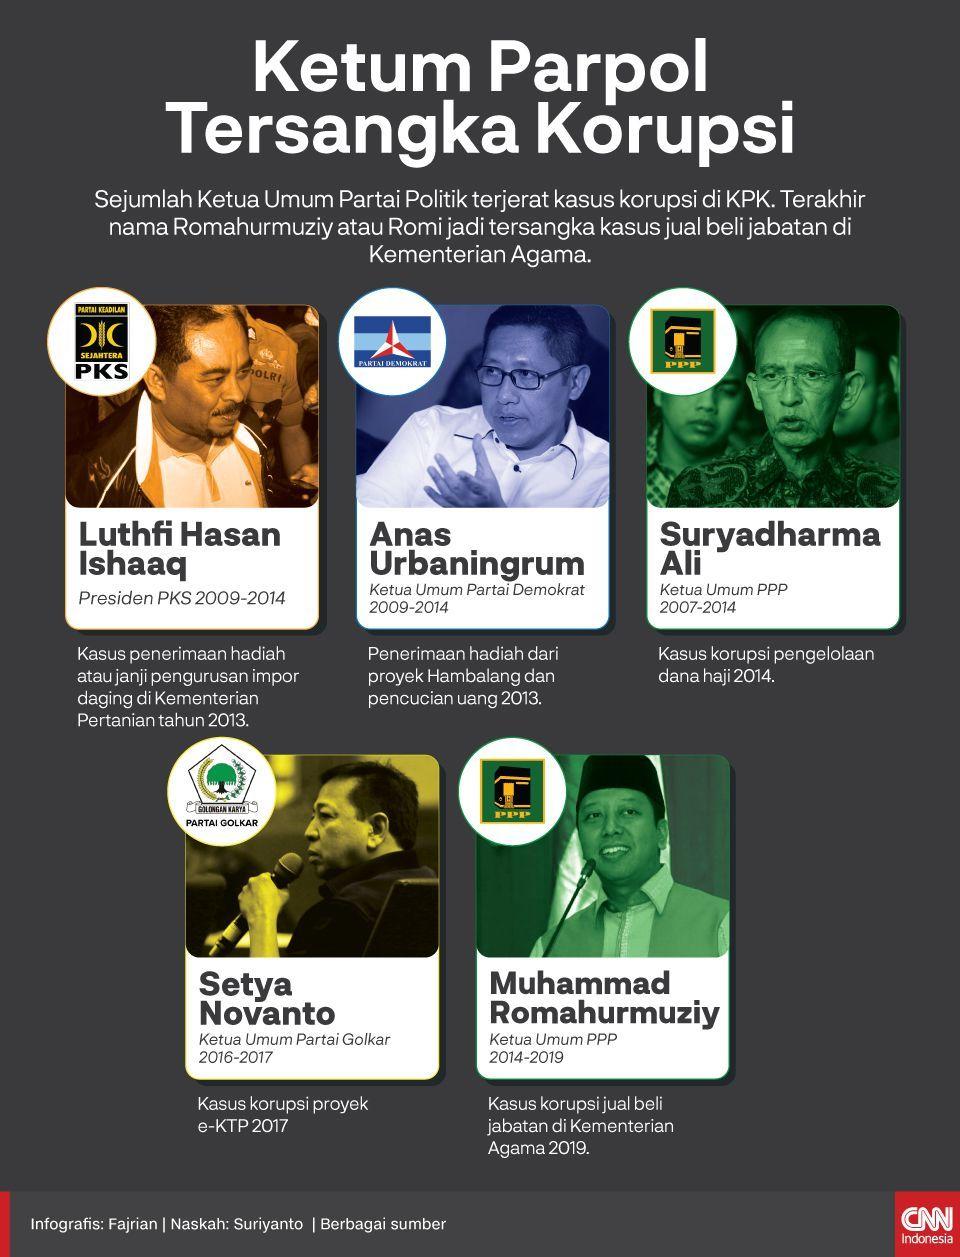 Infografis Ketum Parpol Tersangka Korupsi